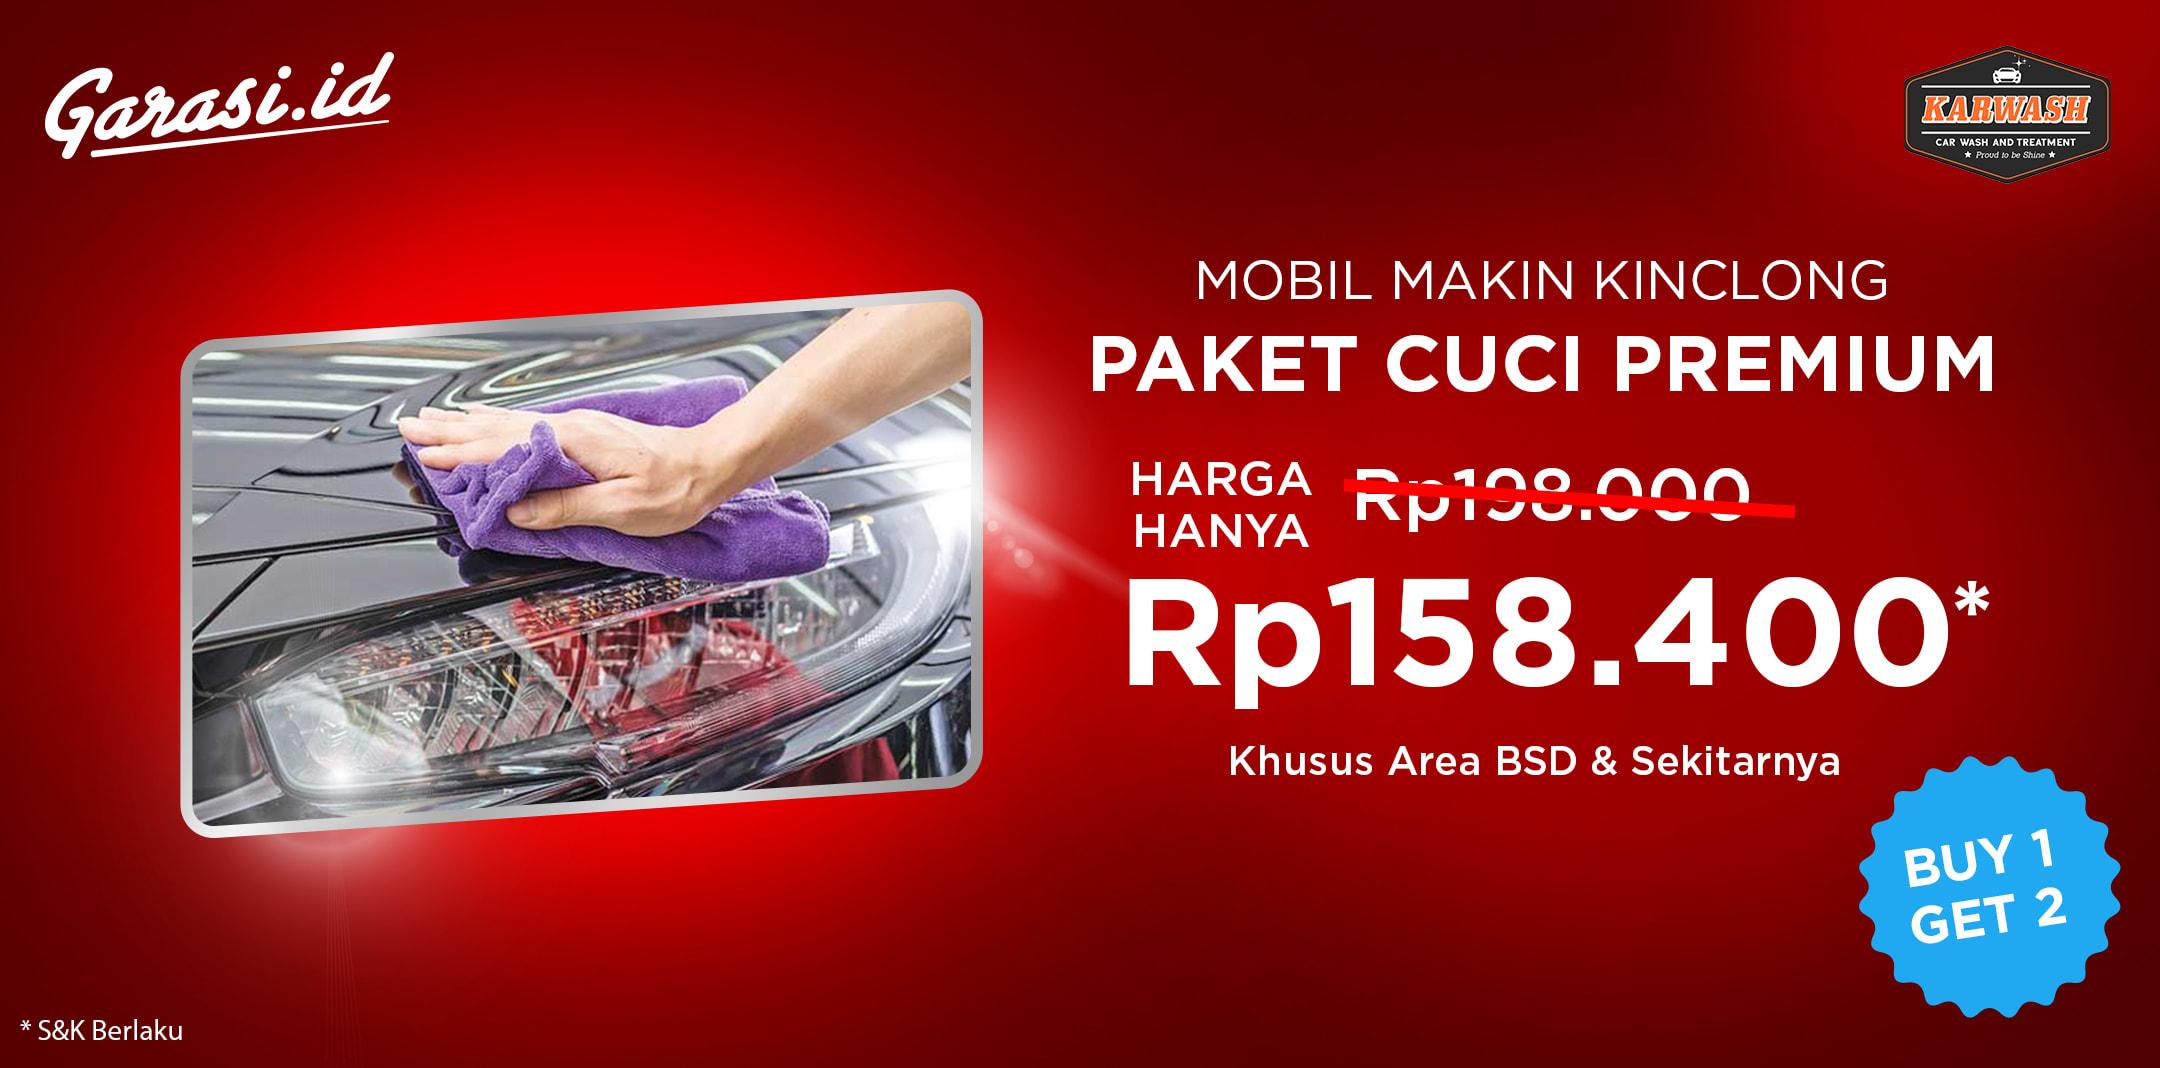 PROMO Paket Cuci Premium Diskon senilai Rp 39.000